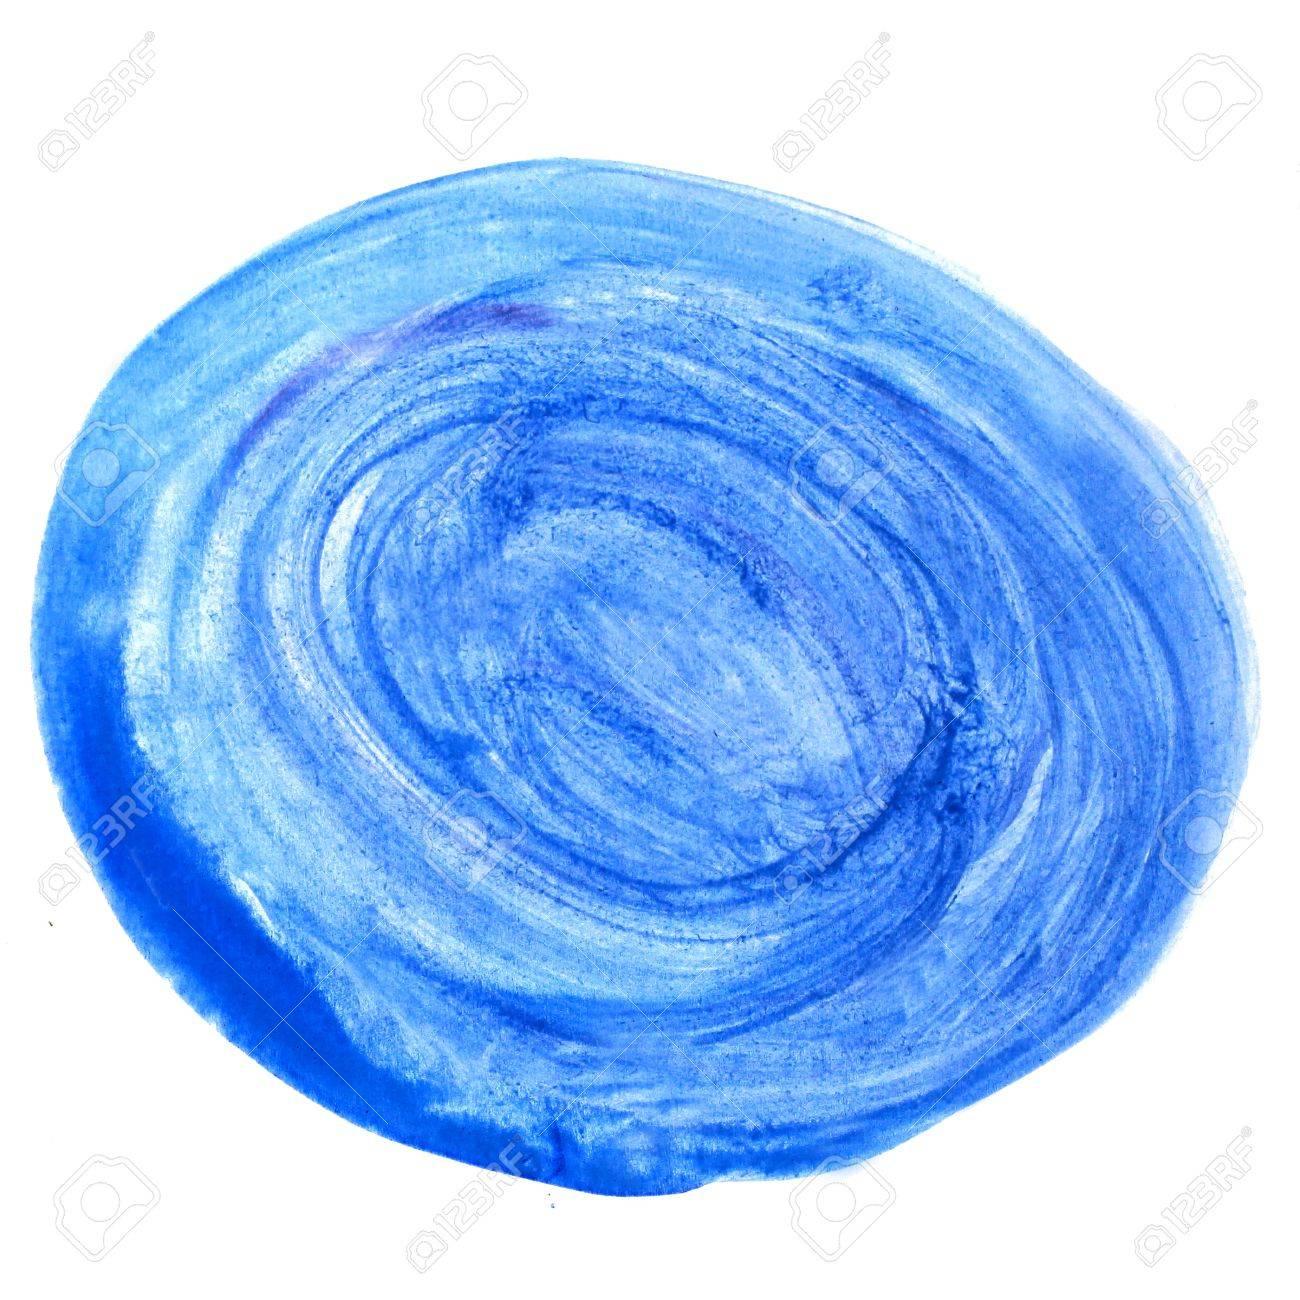 Bleu Aquarelle Peinture Aquarelle Course Cercle Brosse Couleur D